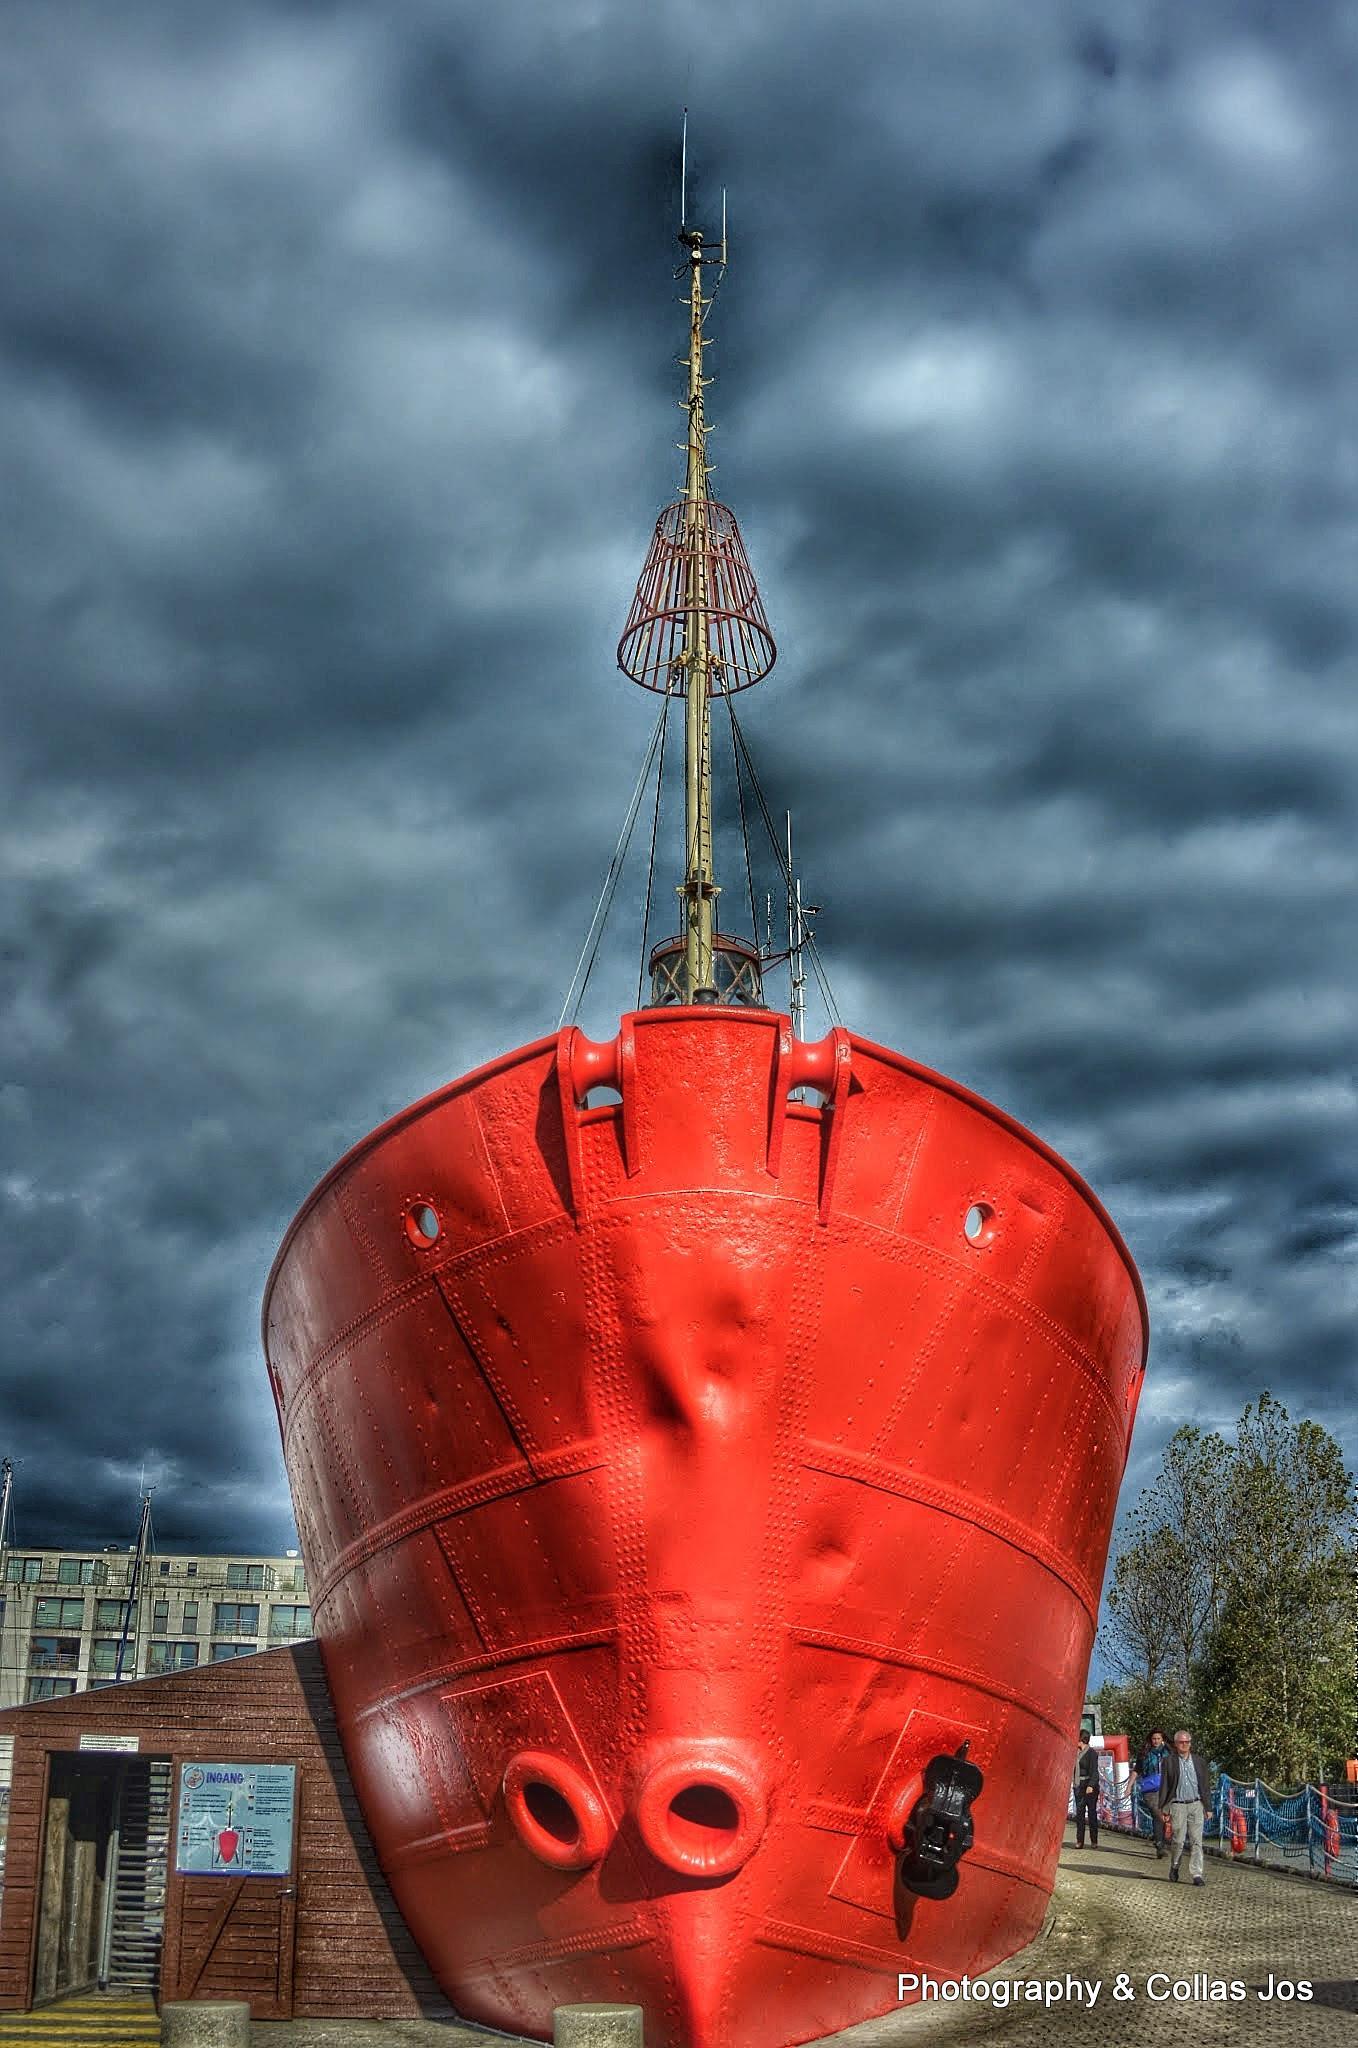 voorsteven van de vuurtorenboot op rust by collasjos